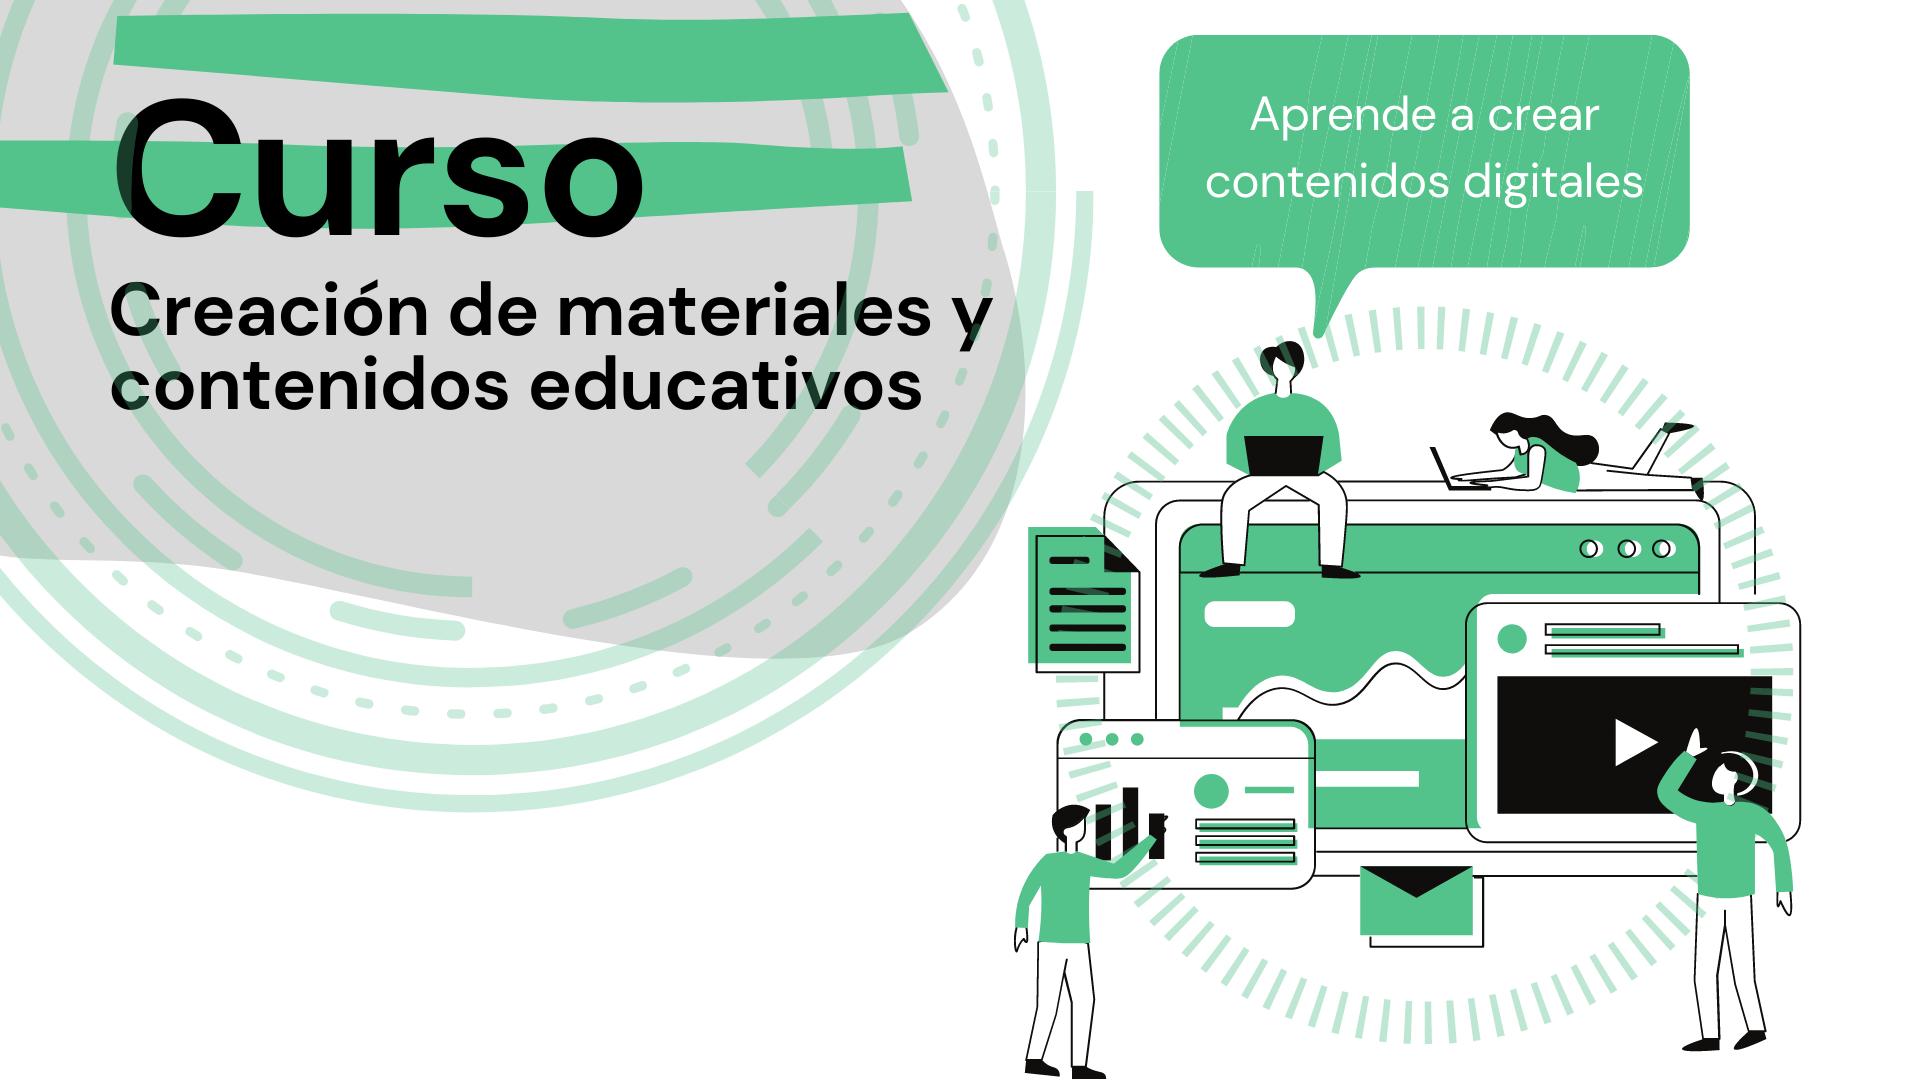 Creación de materiales y contenidos educativos